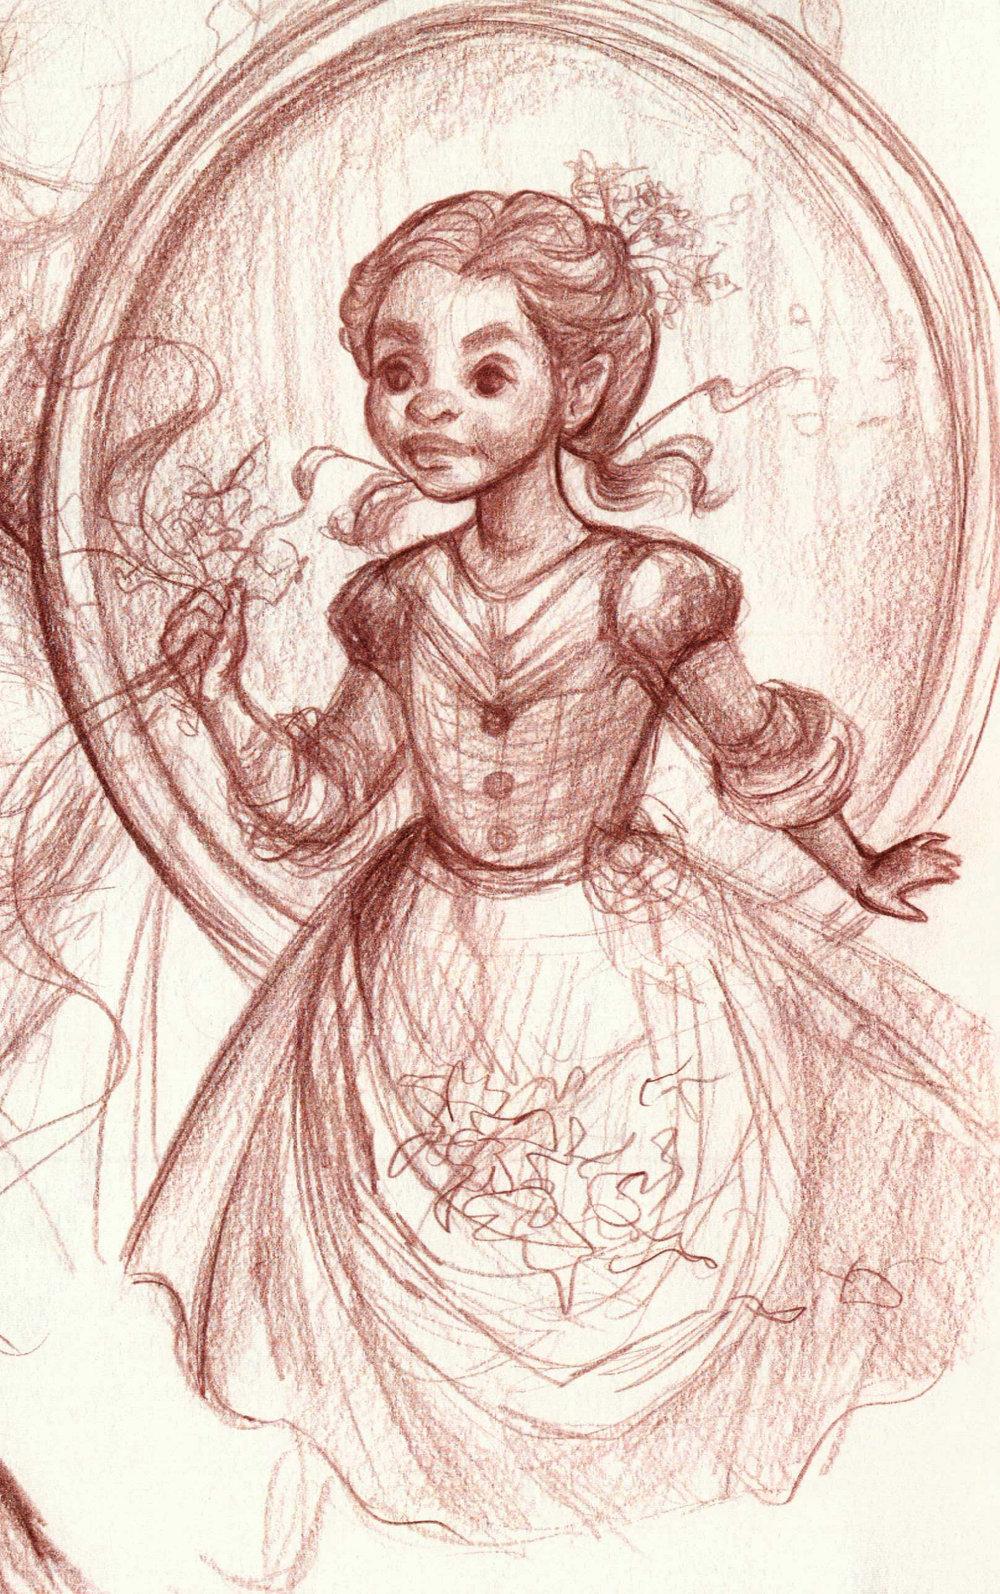 LittleGirlSketch.jpg